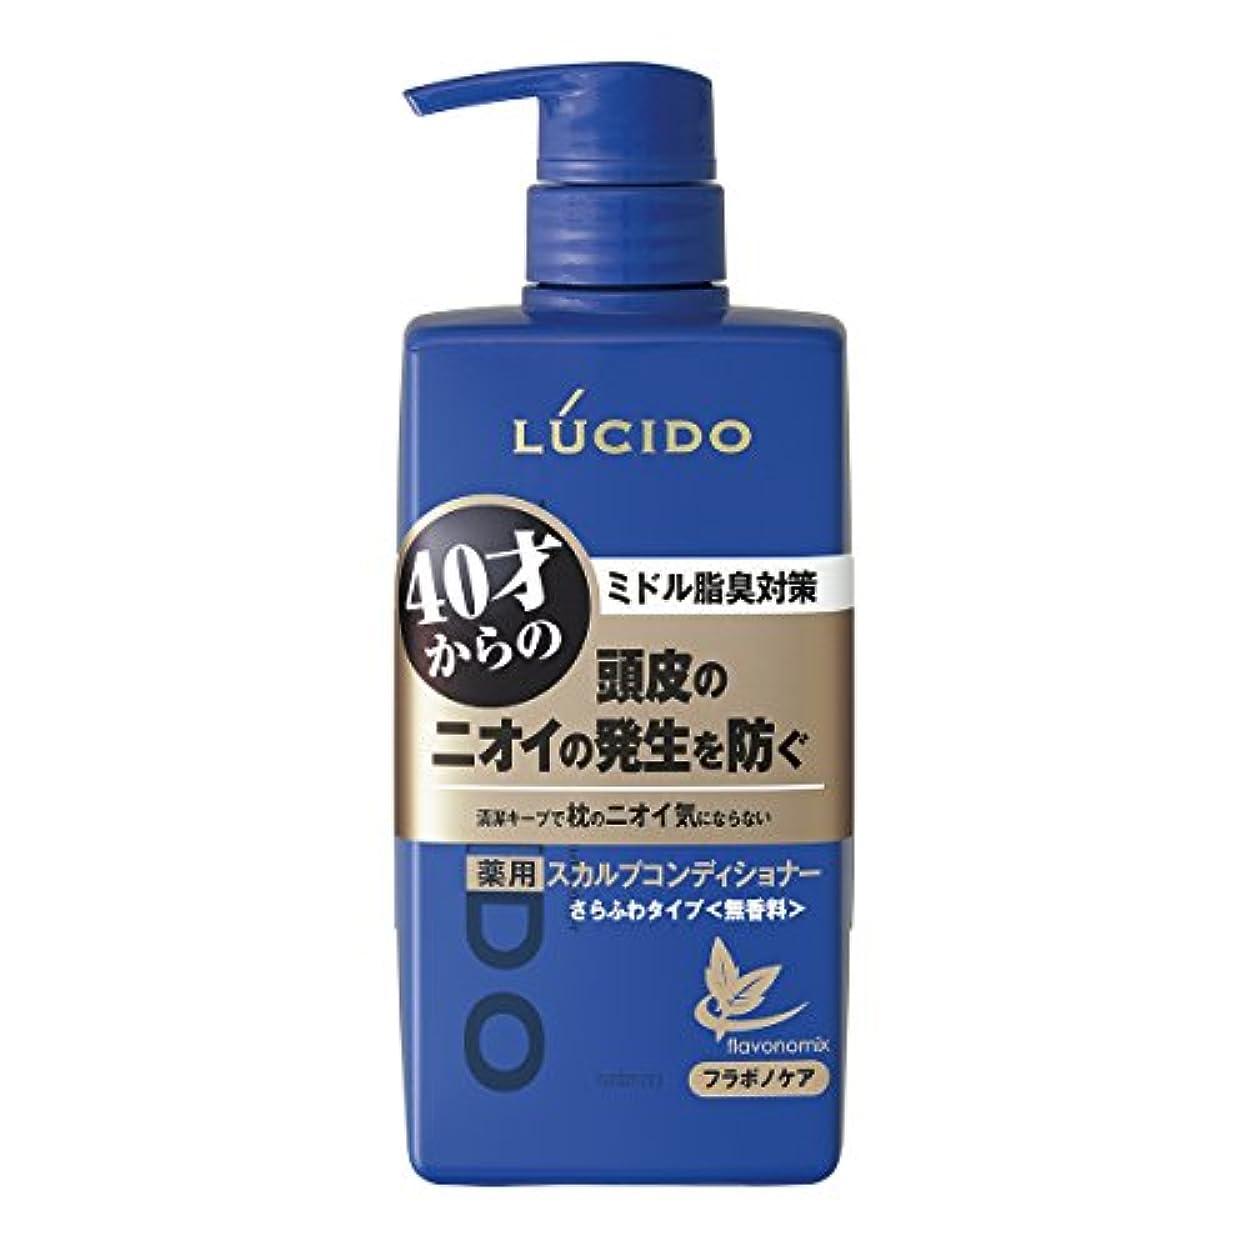 役割敬ごちそうルシード 薬用ヘア&スカルプコンディショナー 450g(医薬部外品)